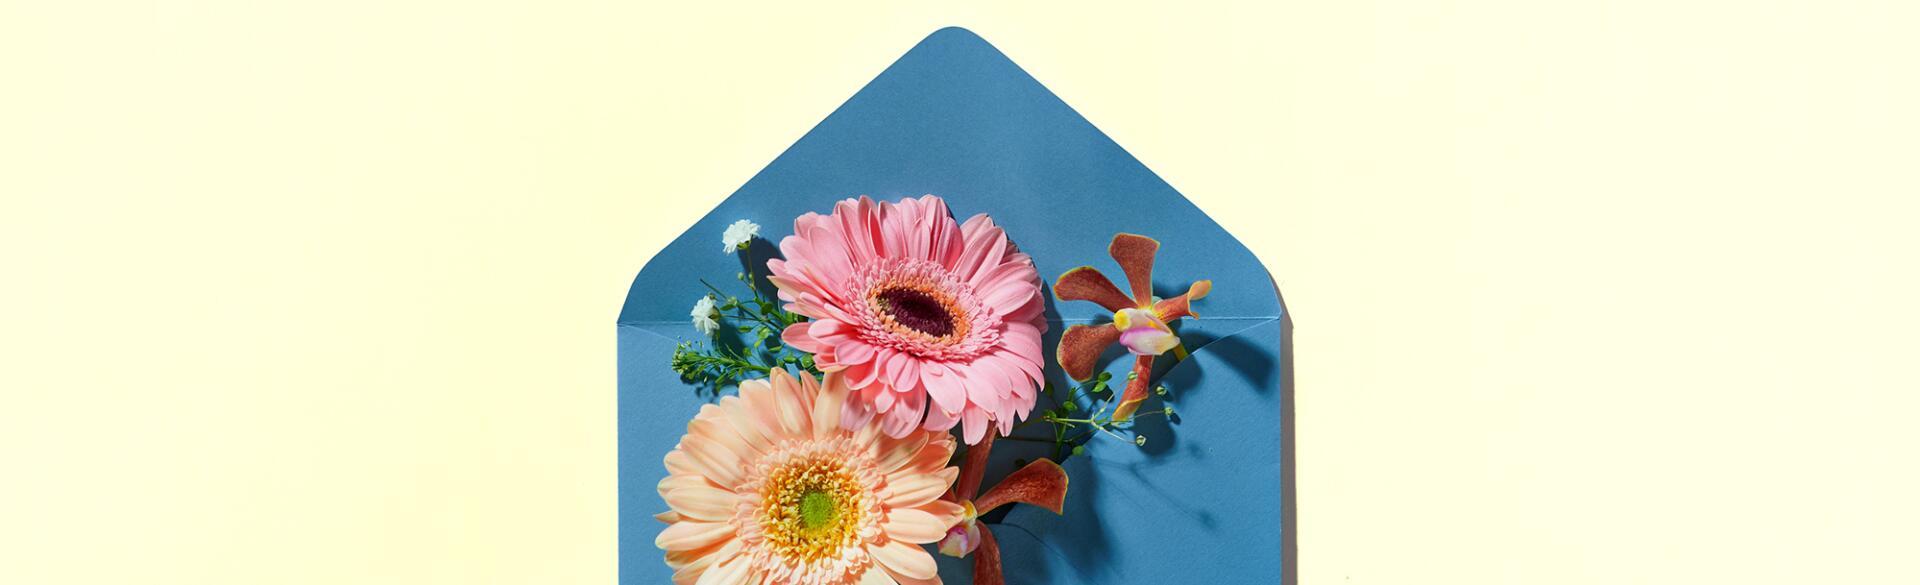 Blue Envelope Full Of Various Flowers.